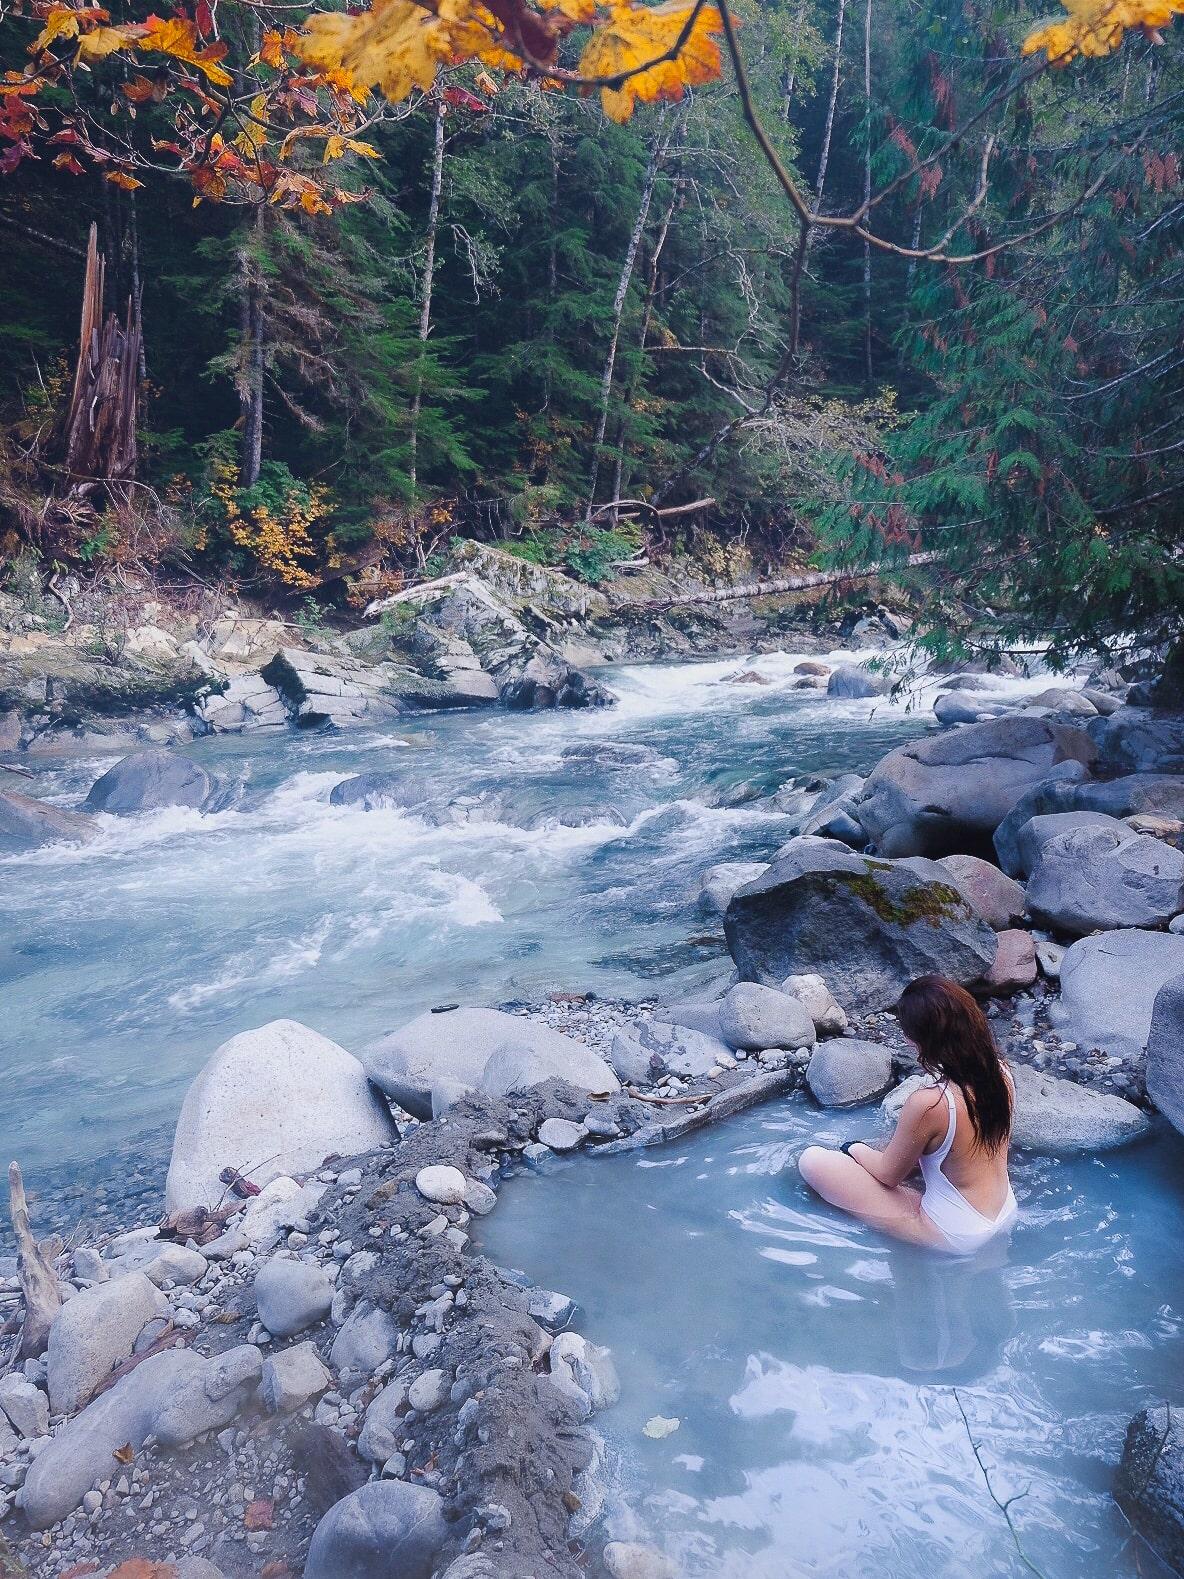 Unique hot springs in British Columbia, Canada